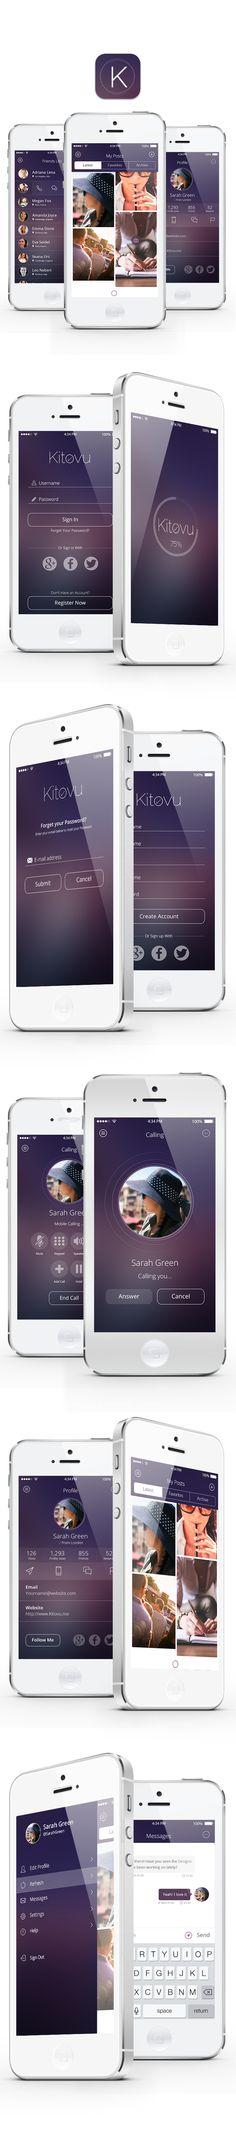 Kitovu IOS 8 UI/UX App Design on Behance